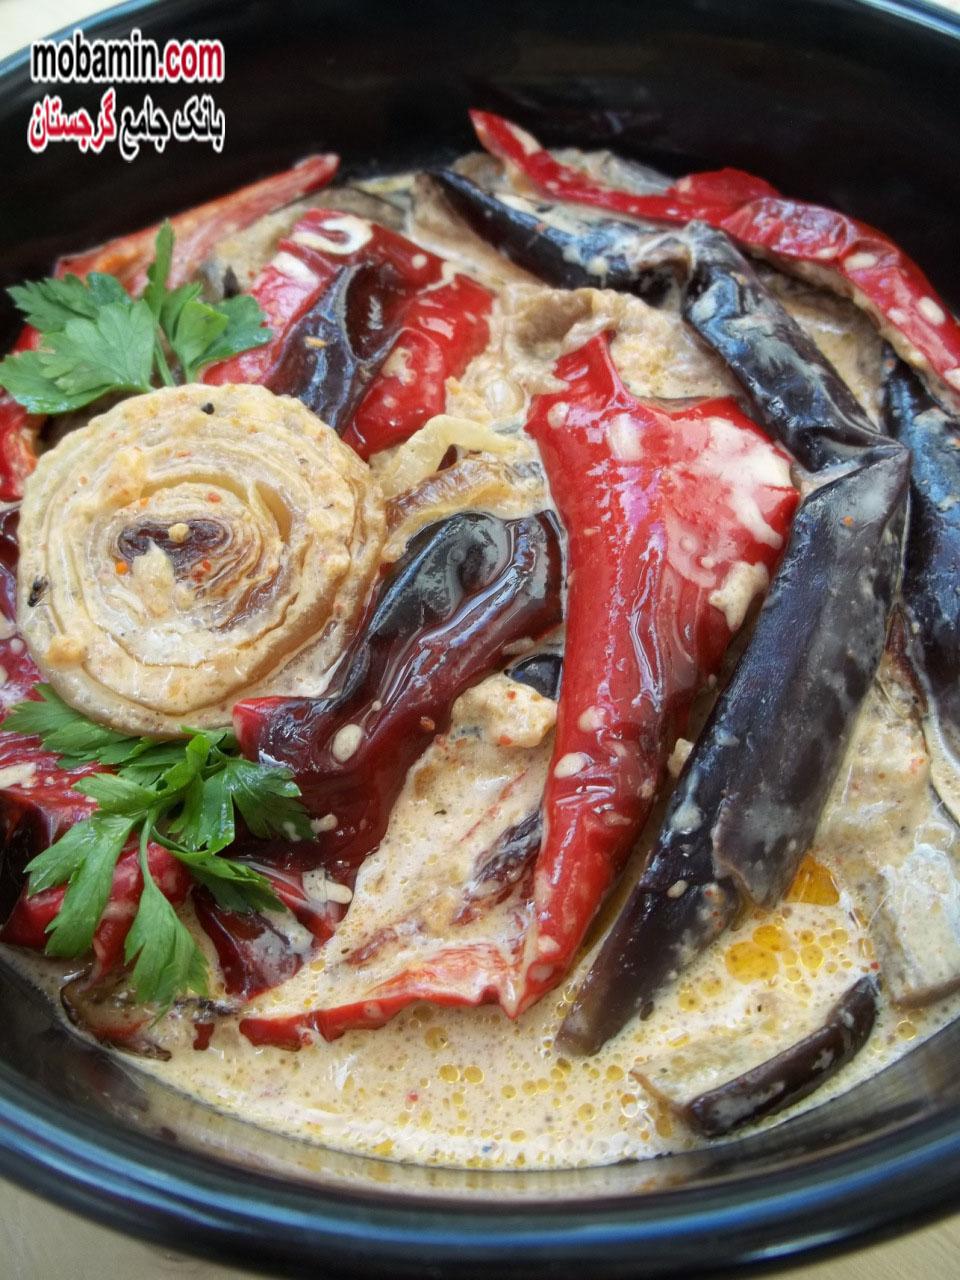 طرز تهیه ی غذایی با سبزیجات و سس مایونز از غذا های گرجستان